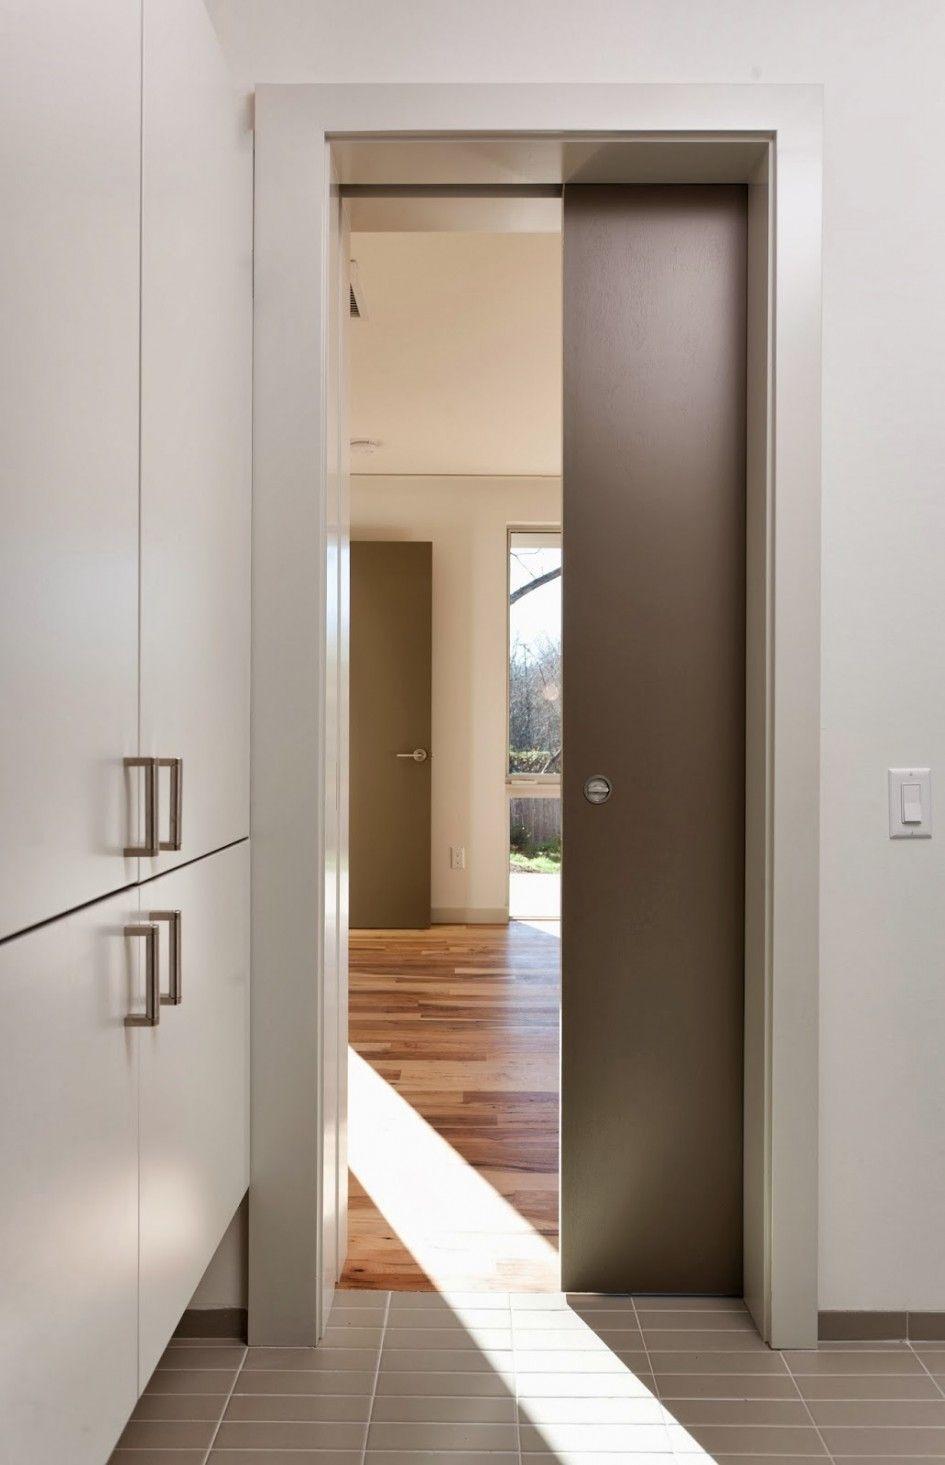 Modern pocket door designs arquitectura muebles de jardín puertas de bolsillo puertas de